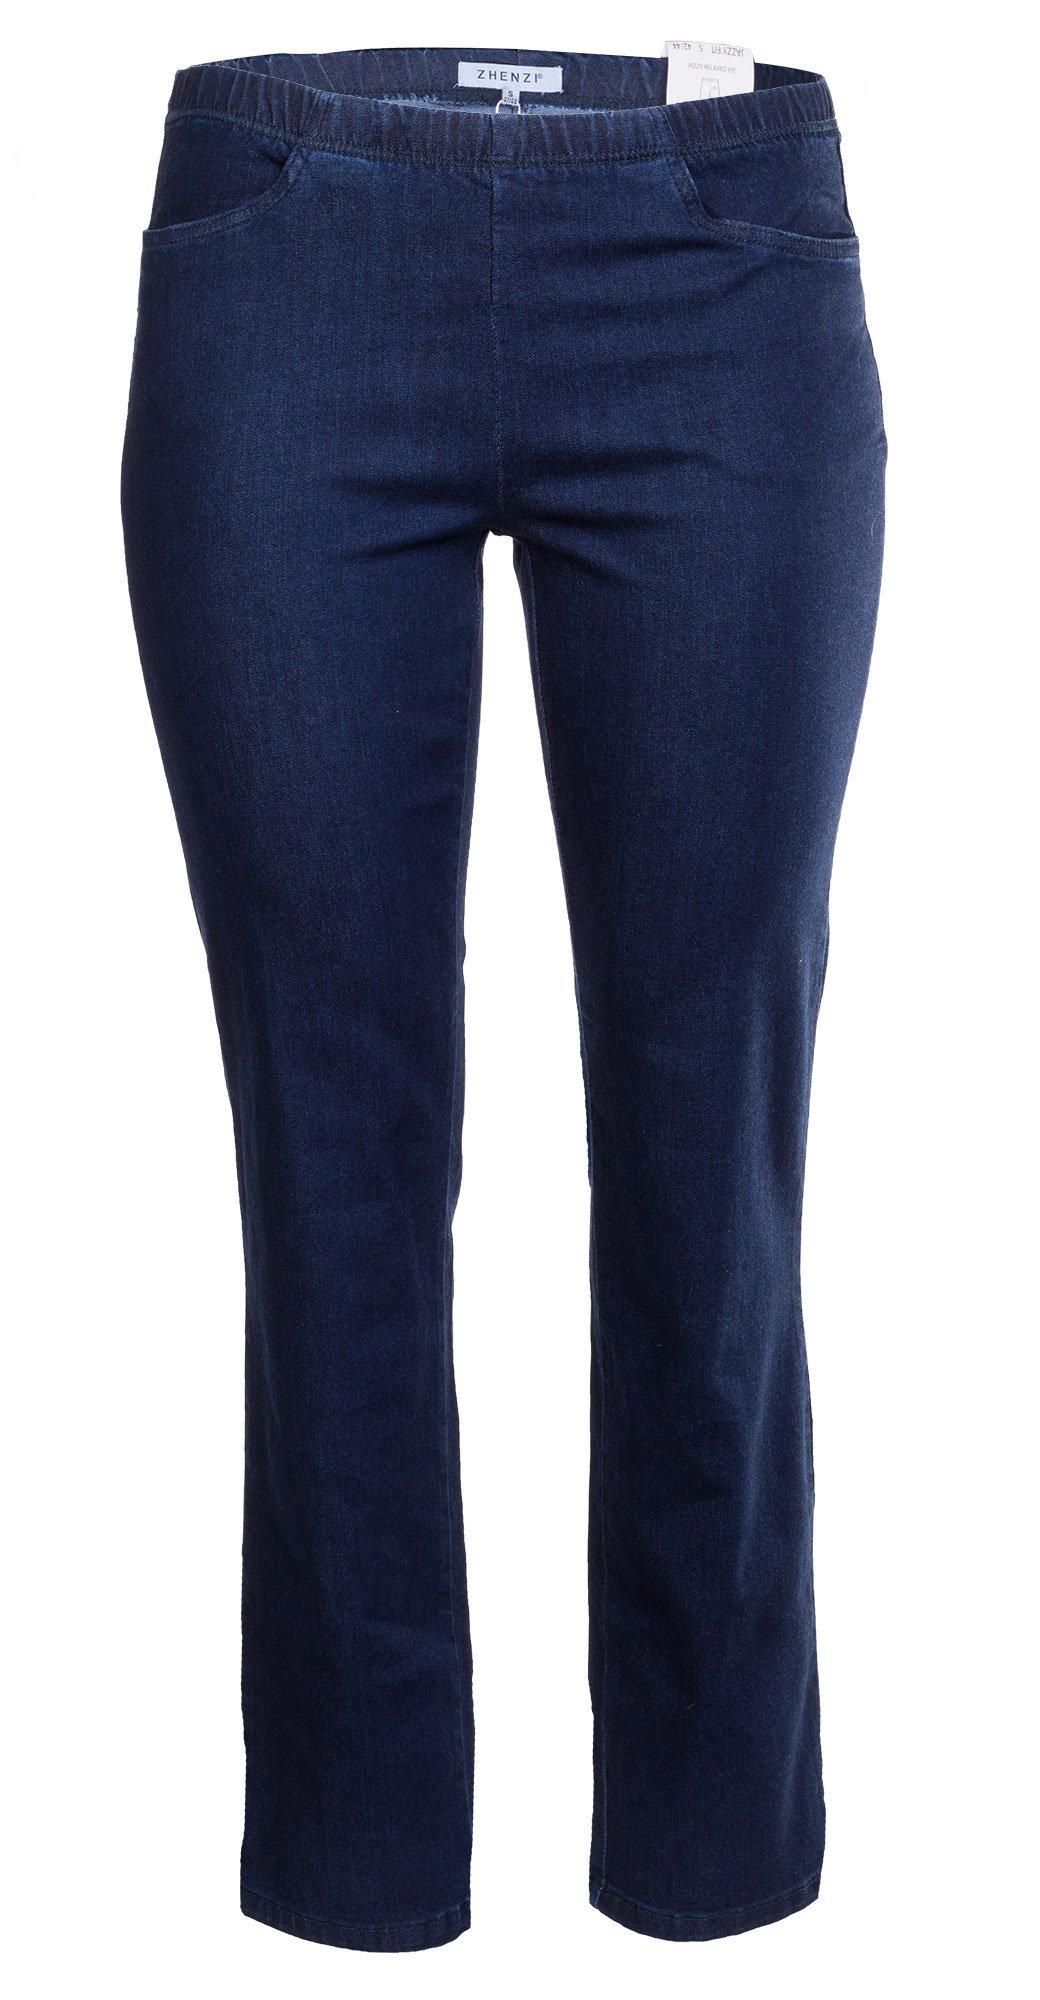 Jazzy bukser i blå denim